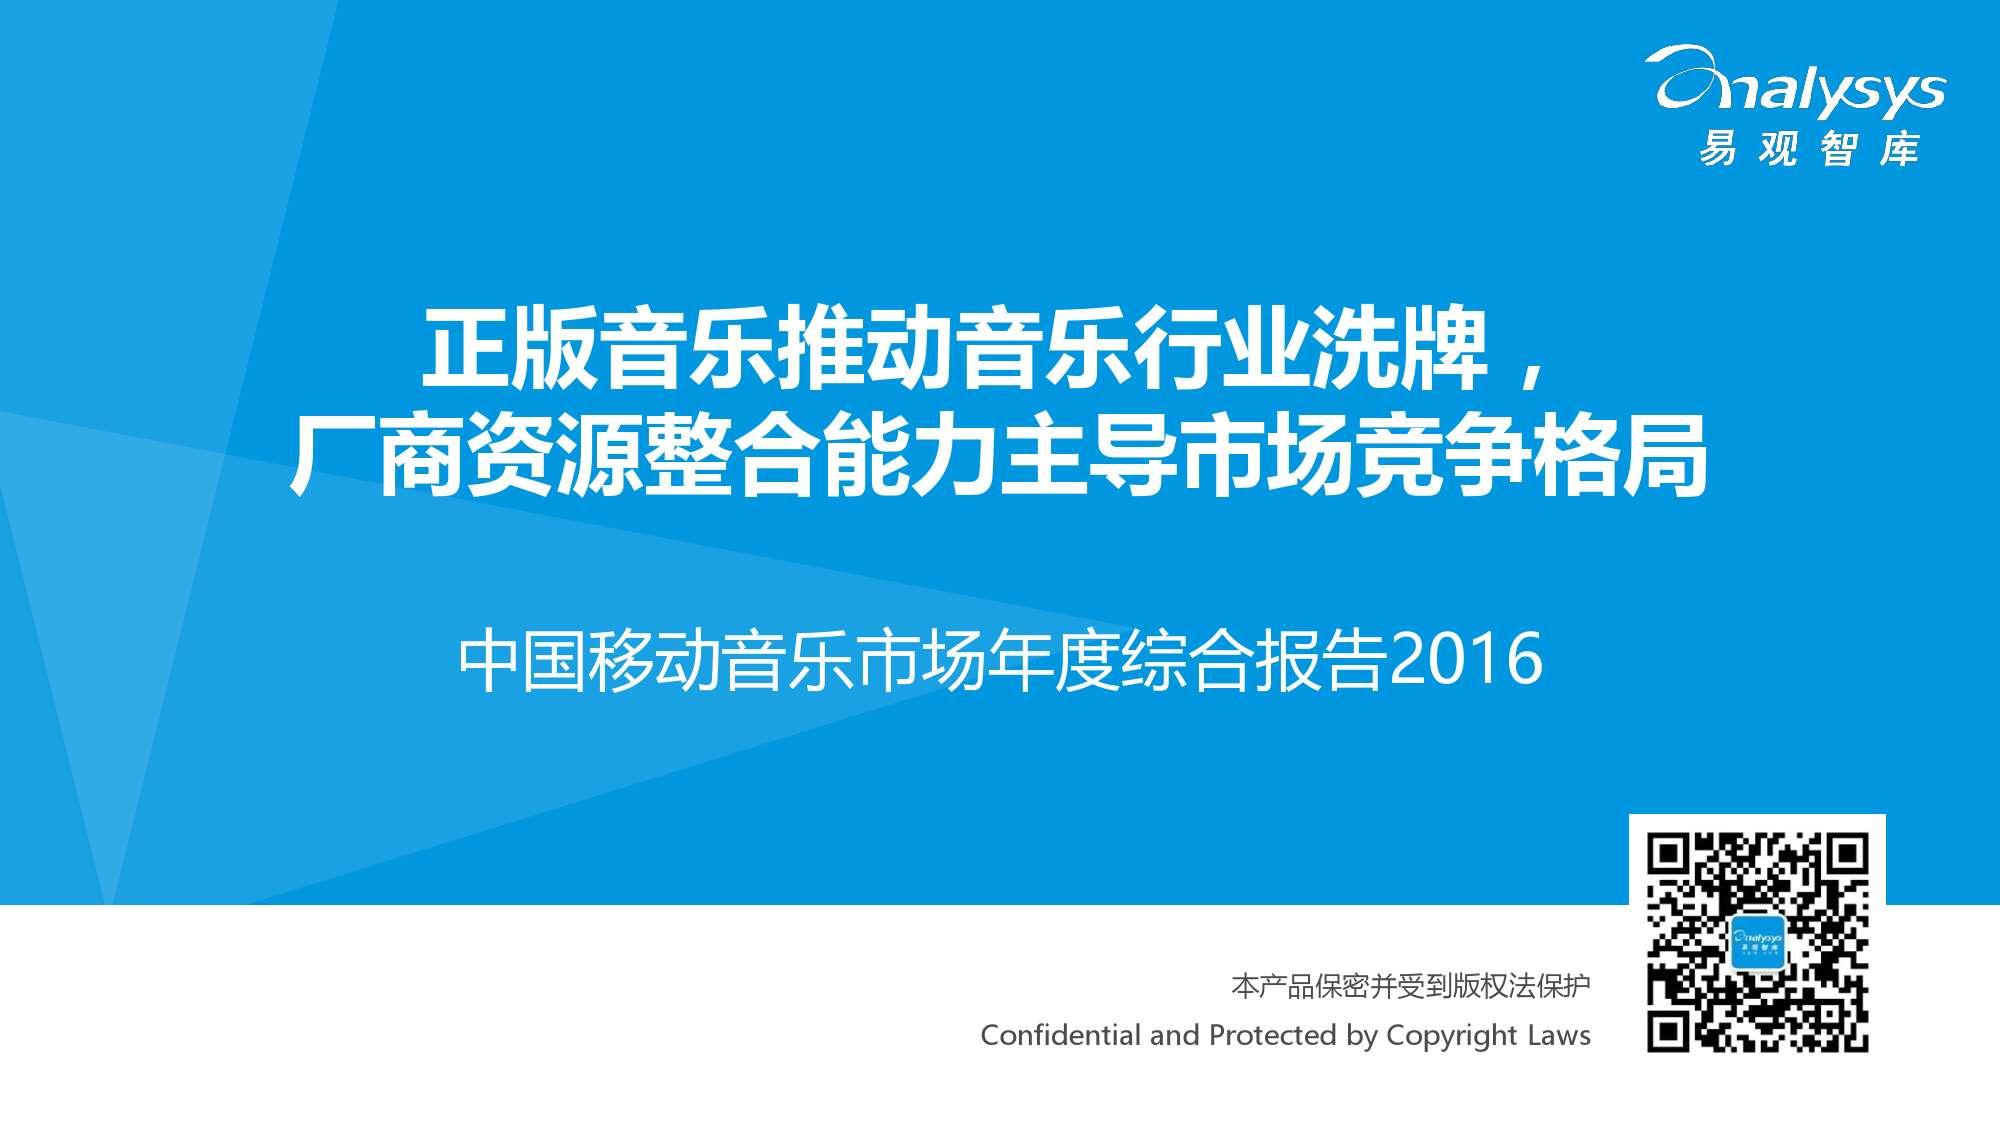 2016中国移动音乐市场年度综合报告_000001